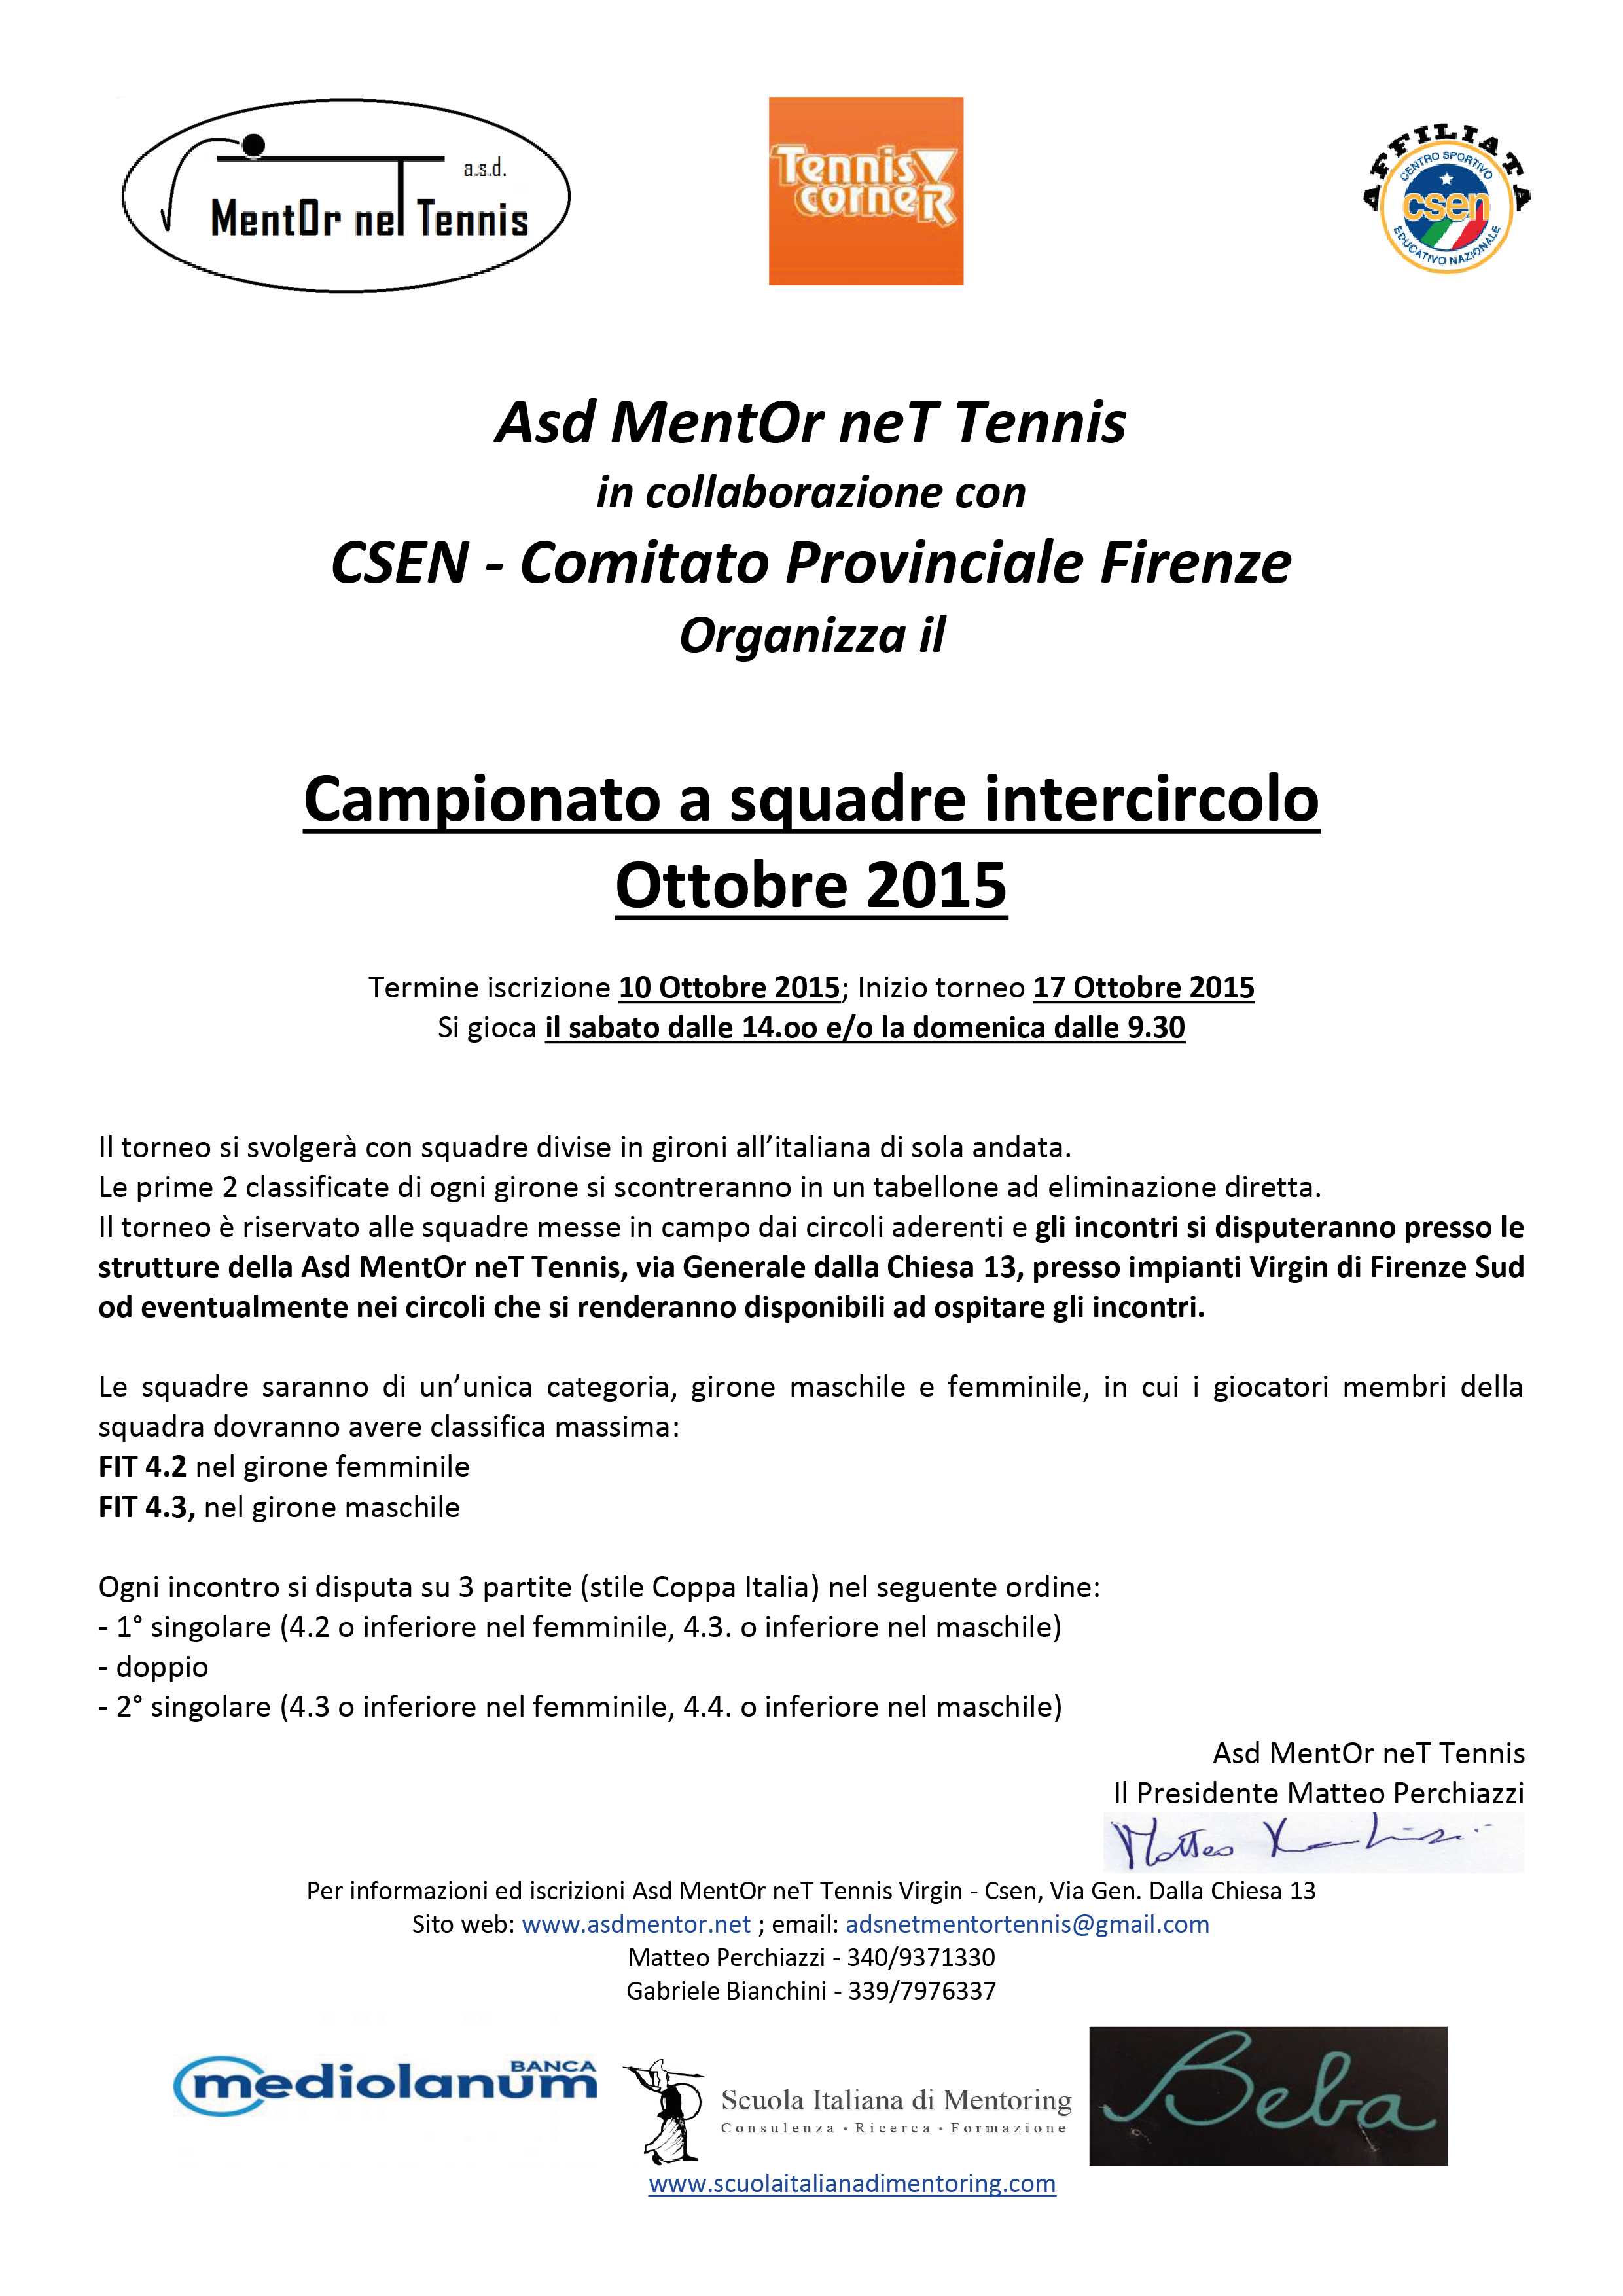 Campionato tennis a squadre Intercircolo 17 Ottobre 2015 Maschile e femminile-01